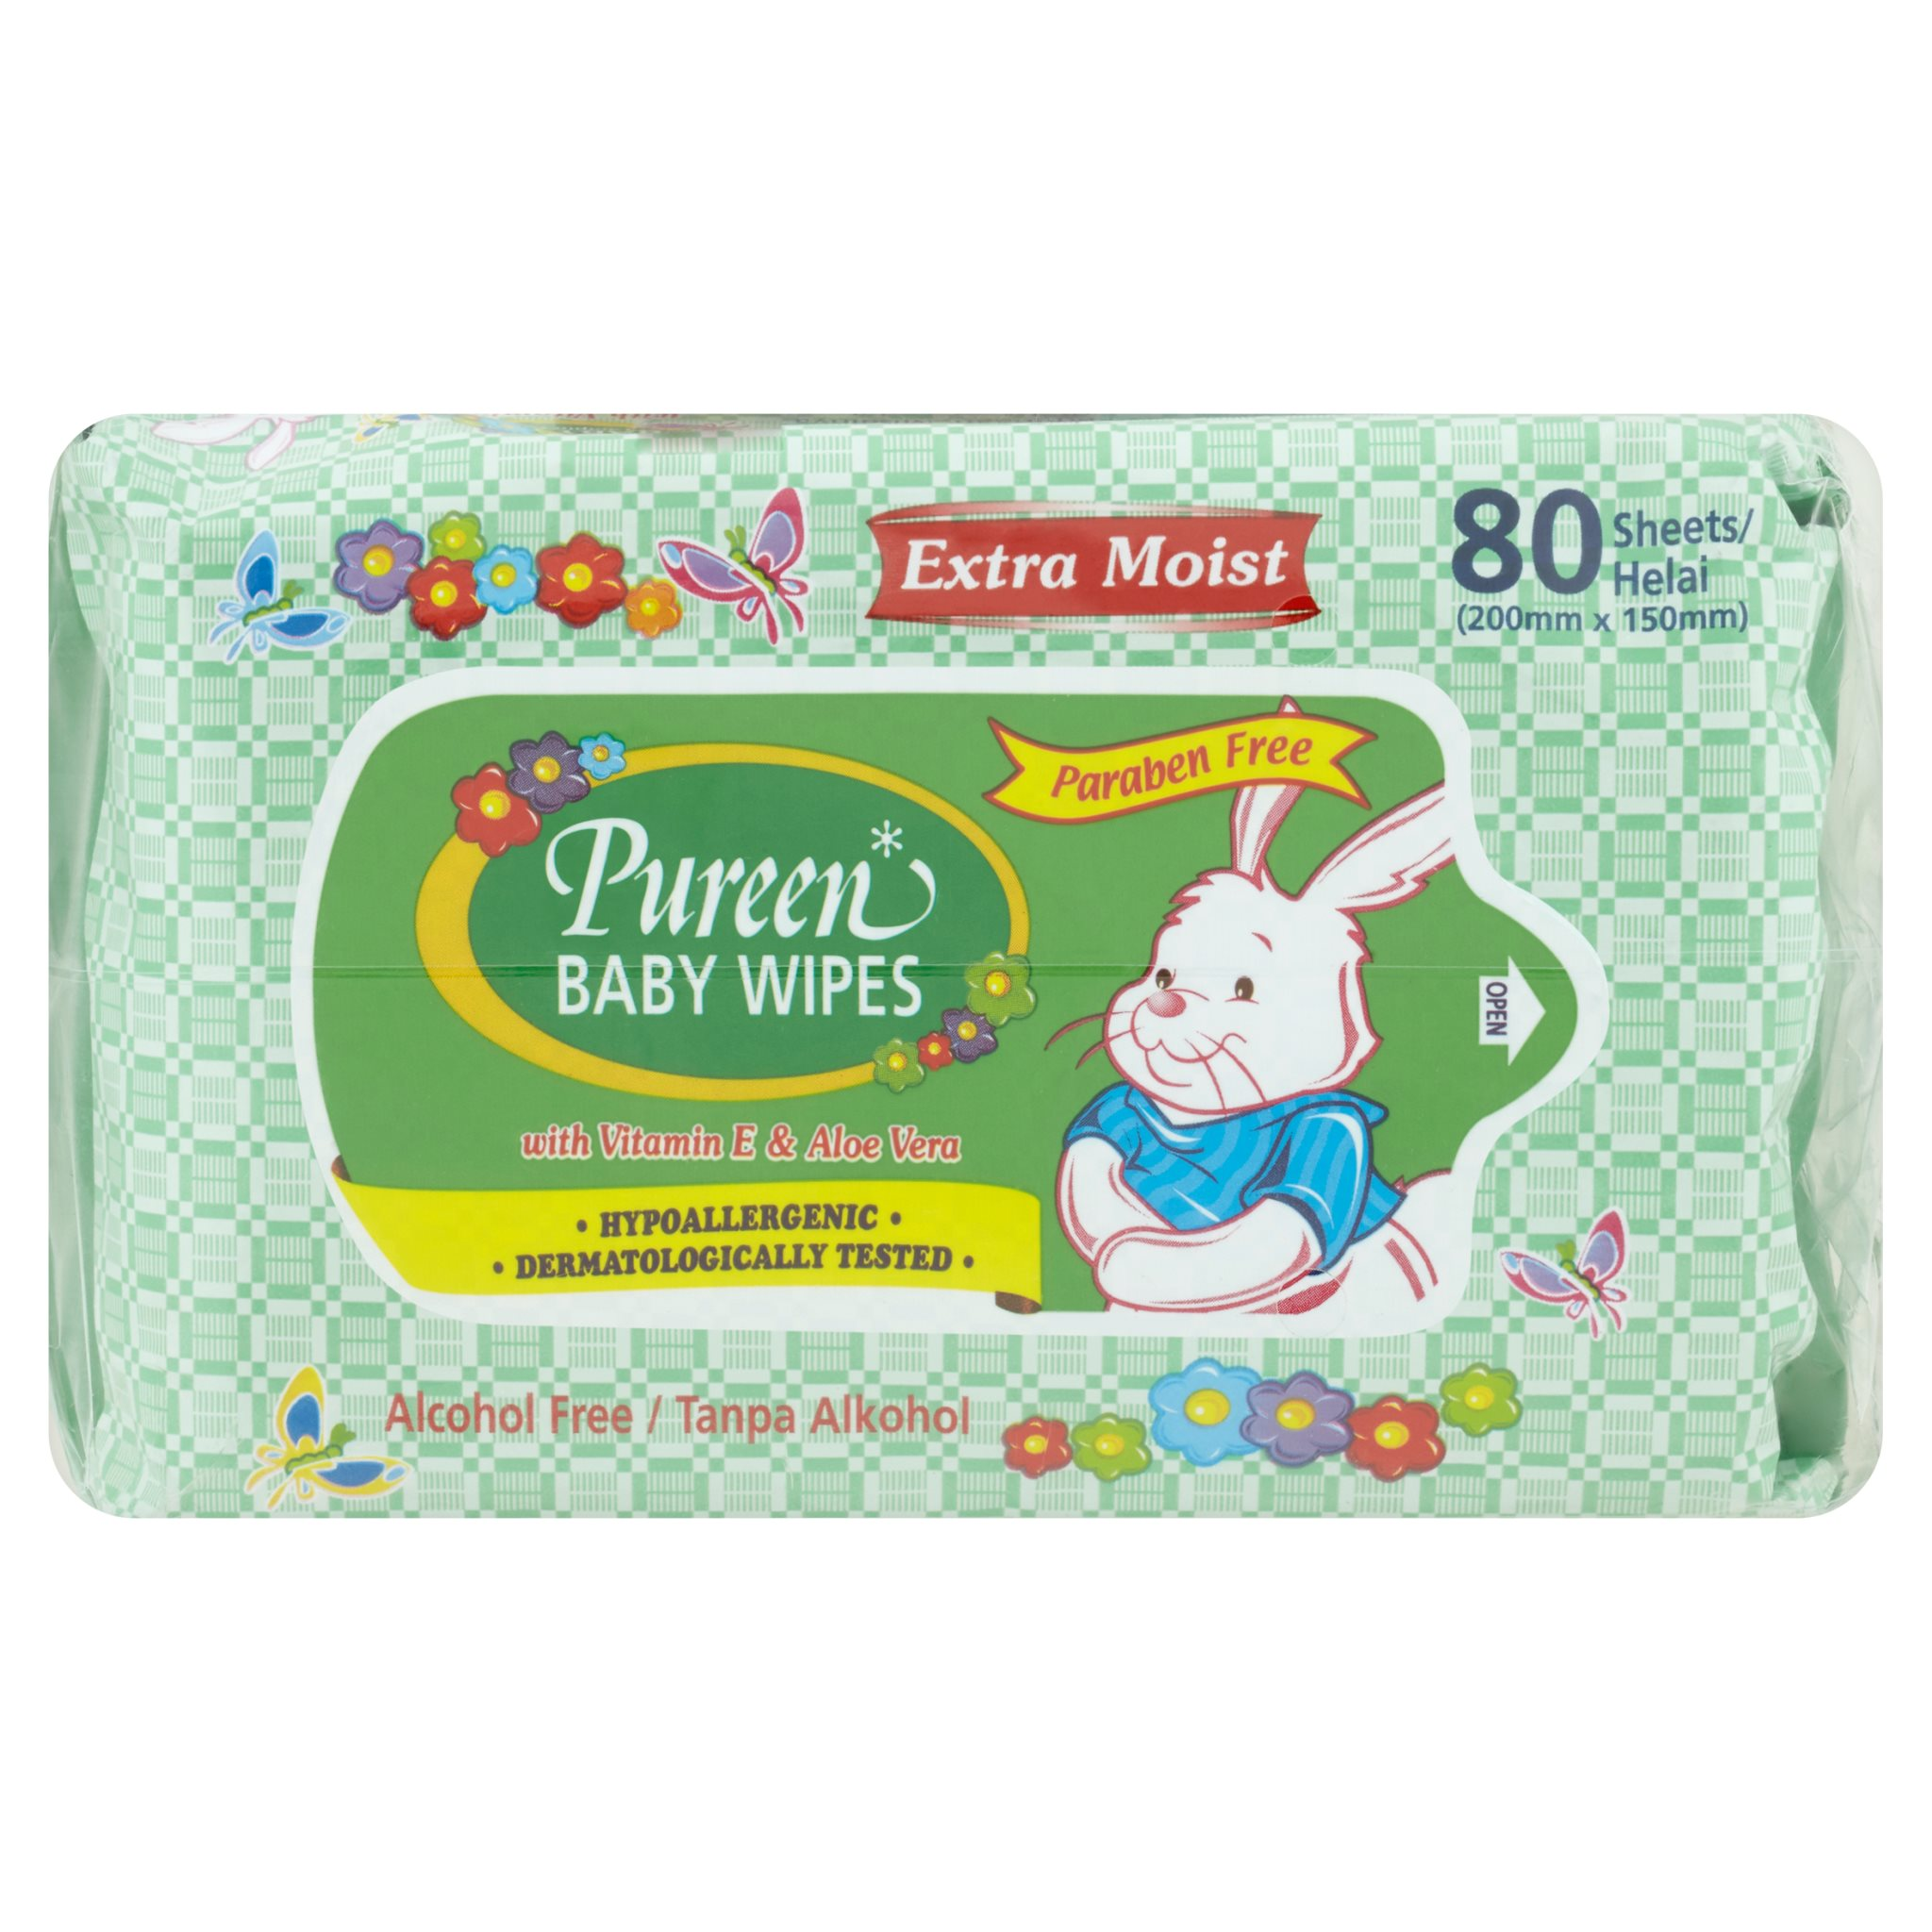 Pureen Baby Wipes – Extra Moist with Vitamin E and Aloe Vera (80's x 2)